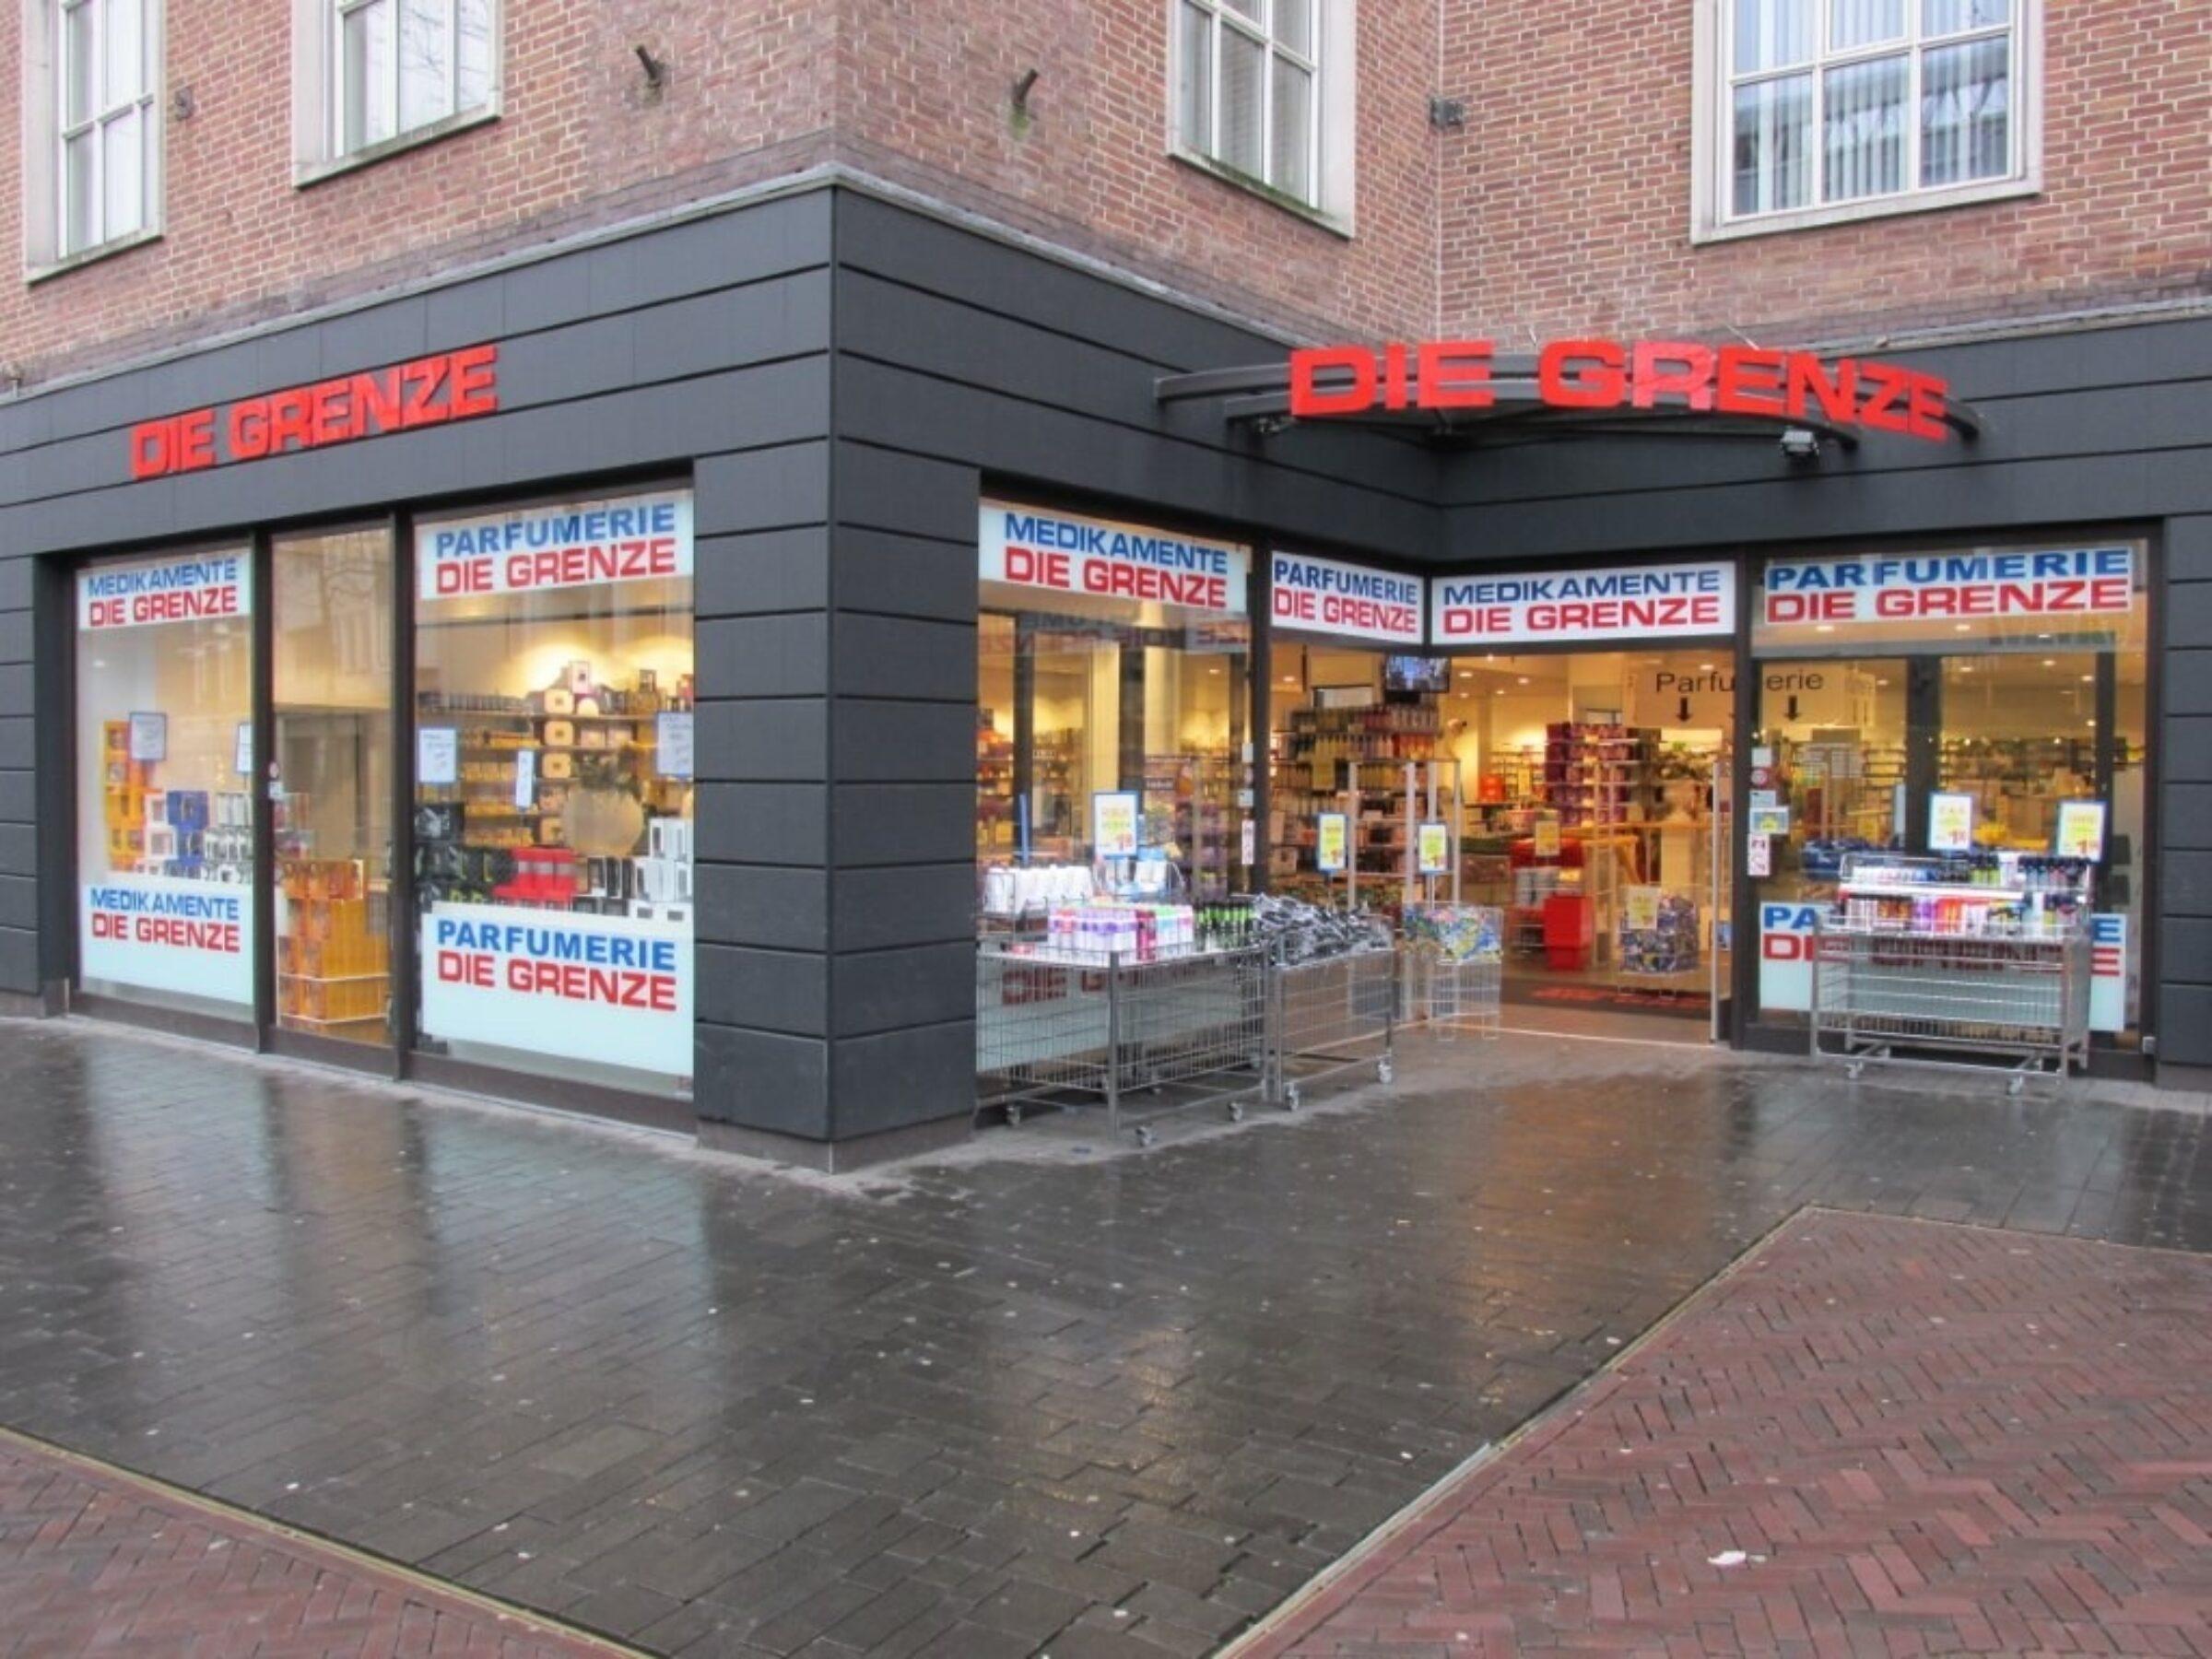 Die Grenze Enschede